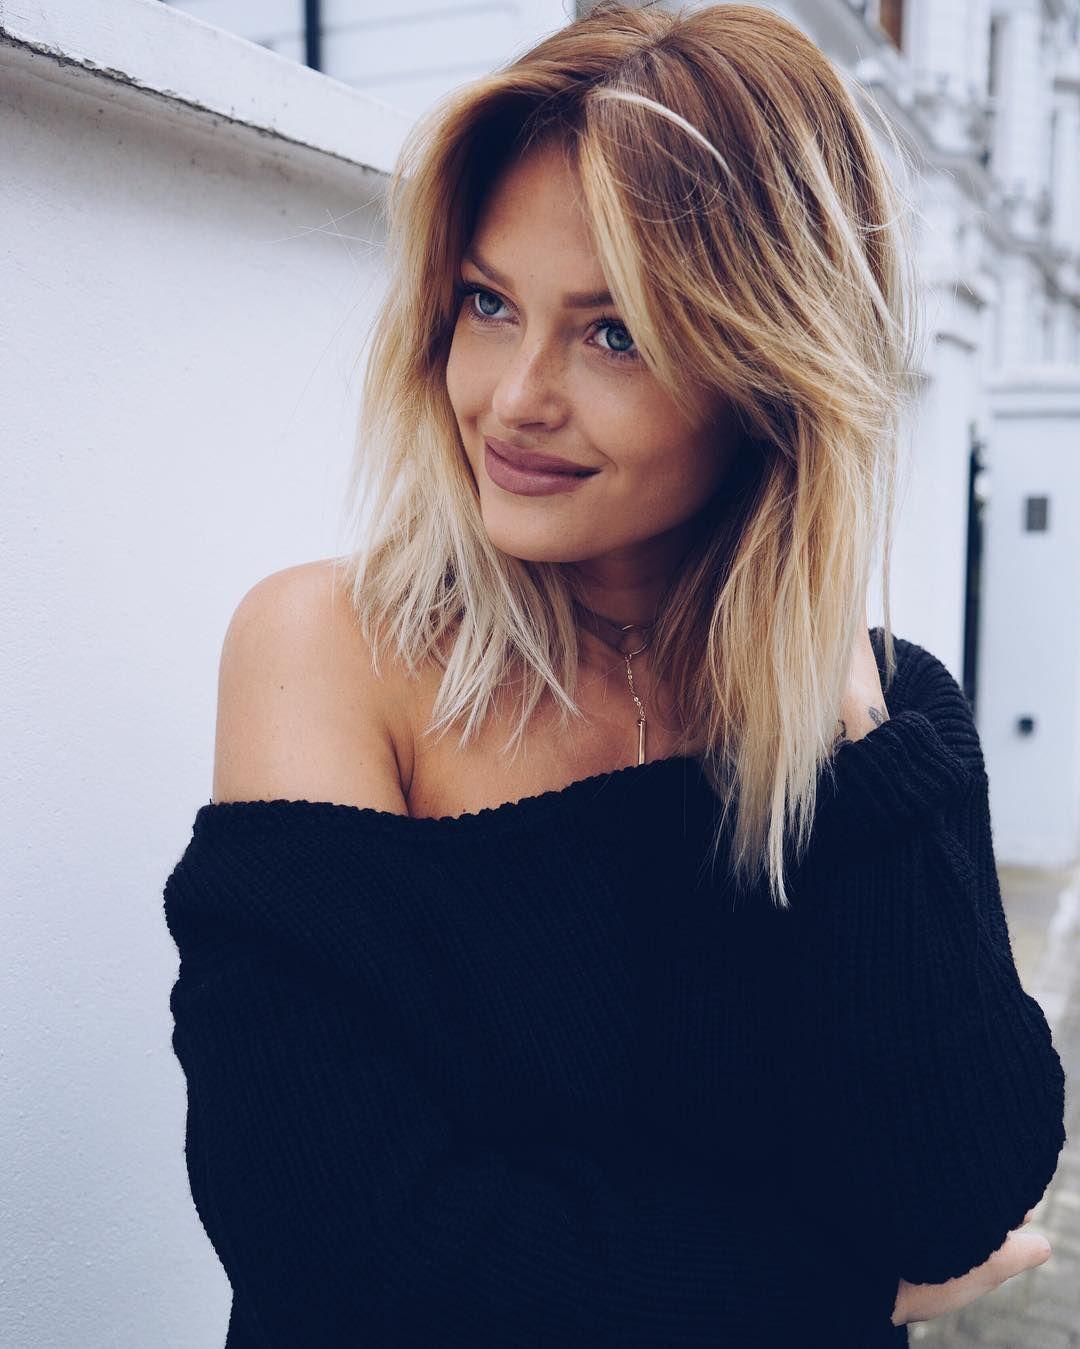 Épinglé par Shaylyn Suttles sur Locks Cheveux, Coiffure